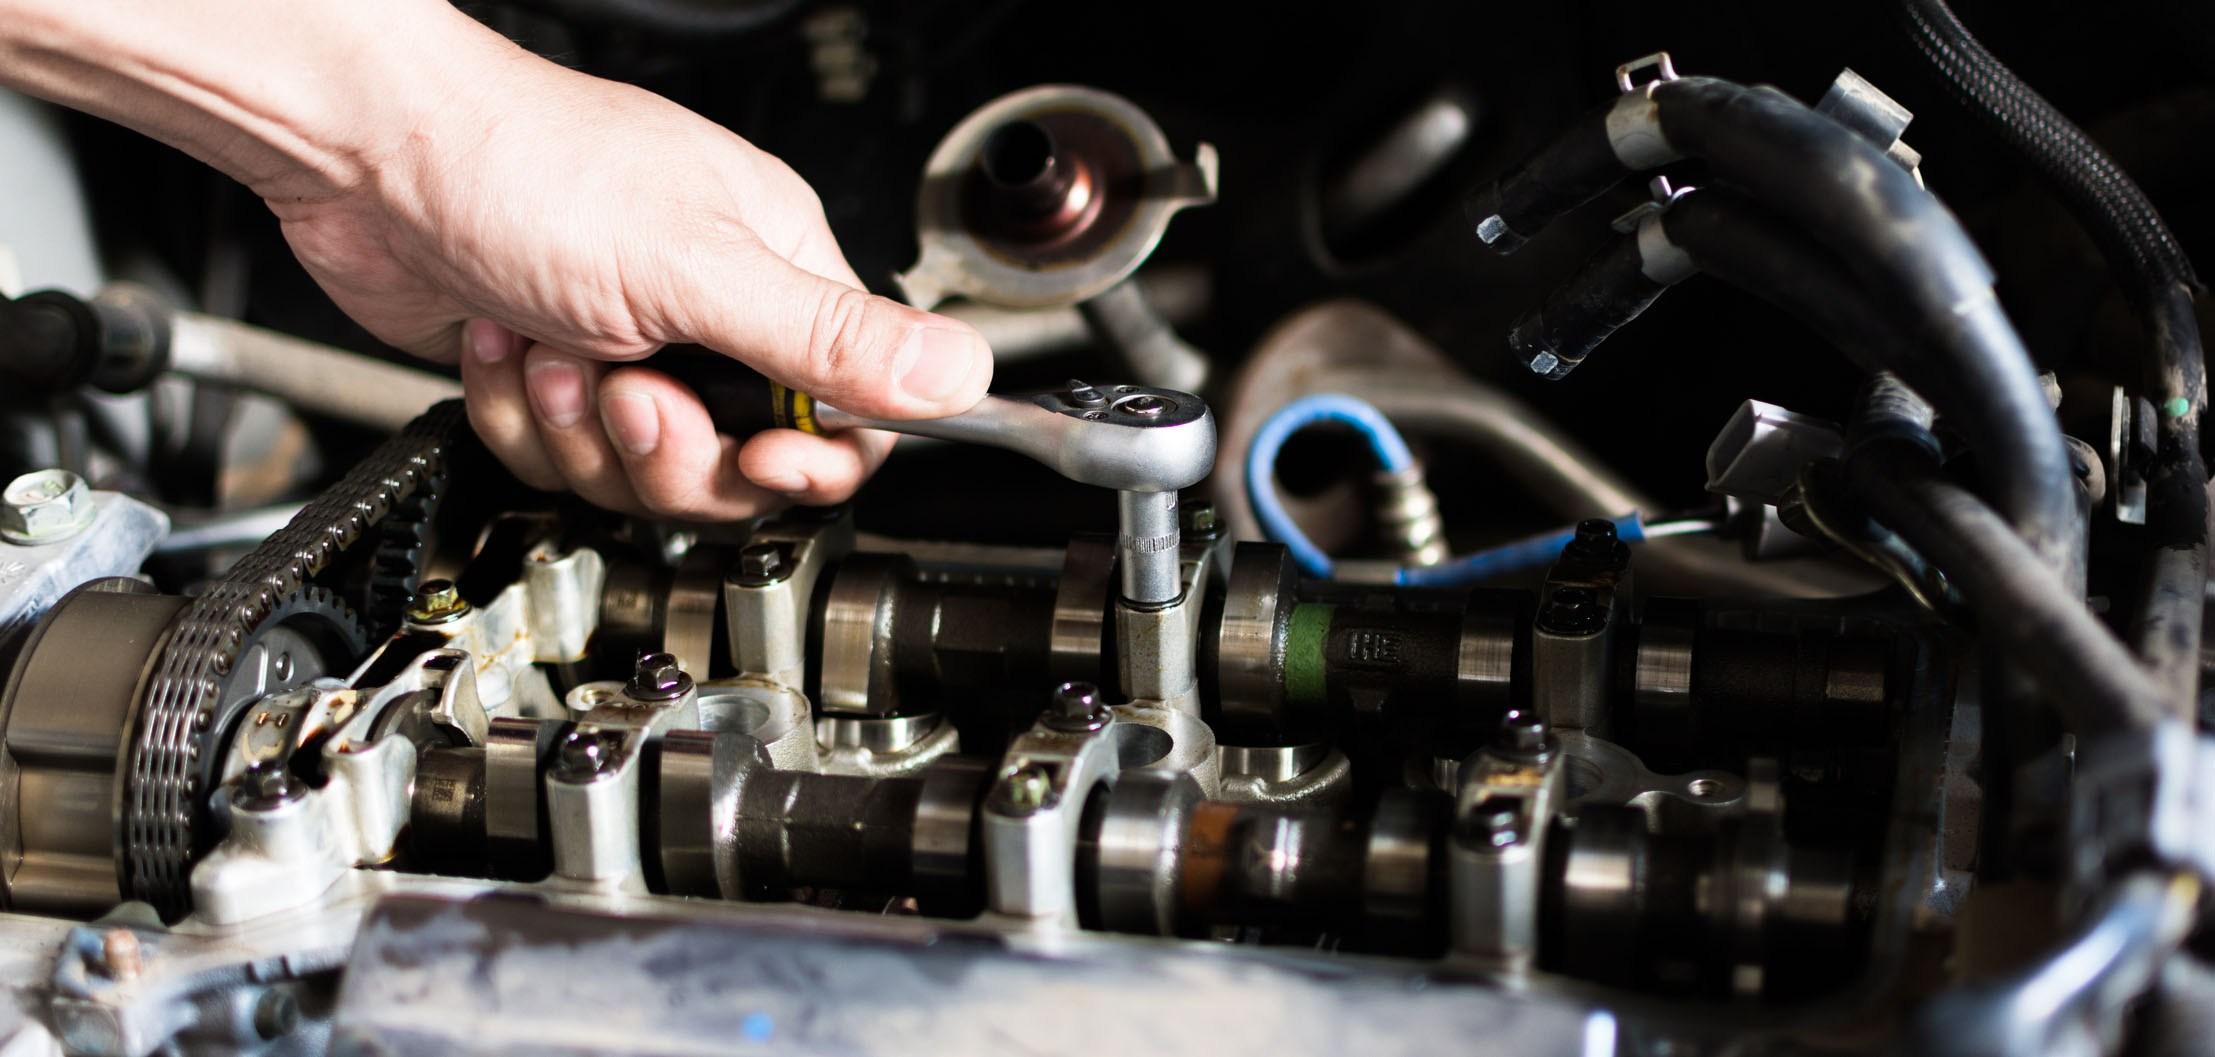 CN: 5 Star Auto Repair